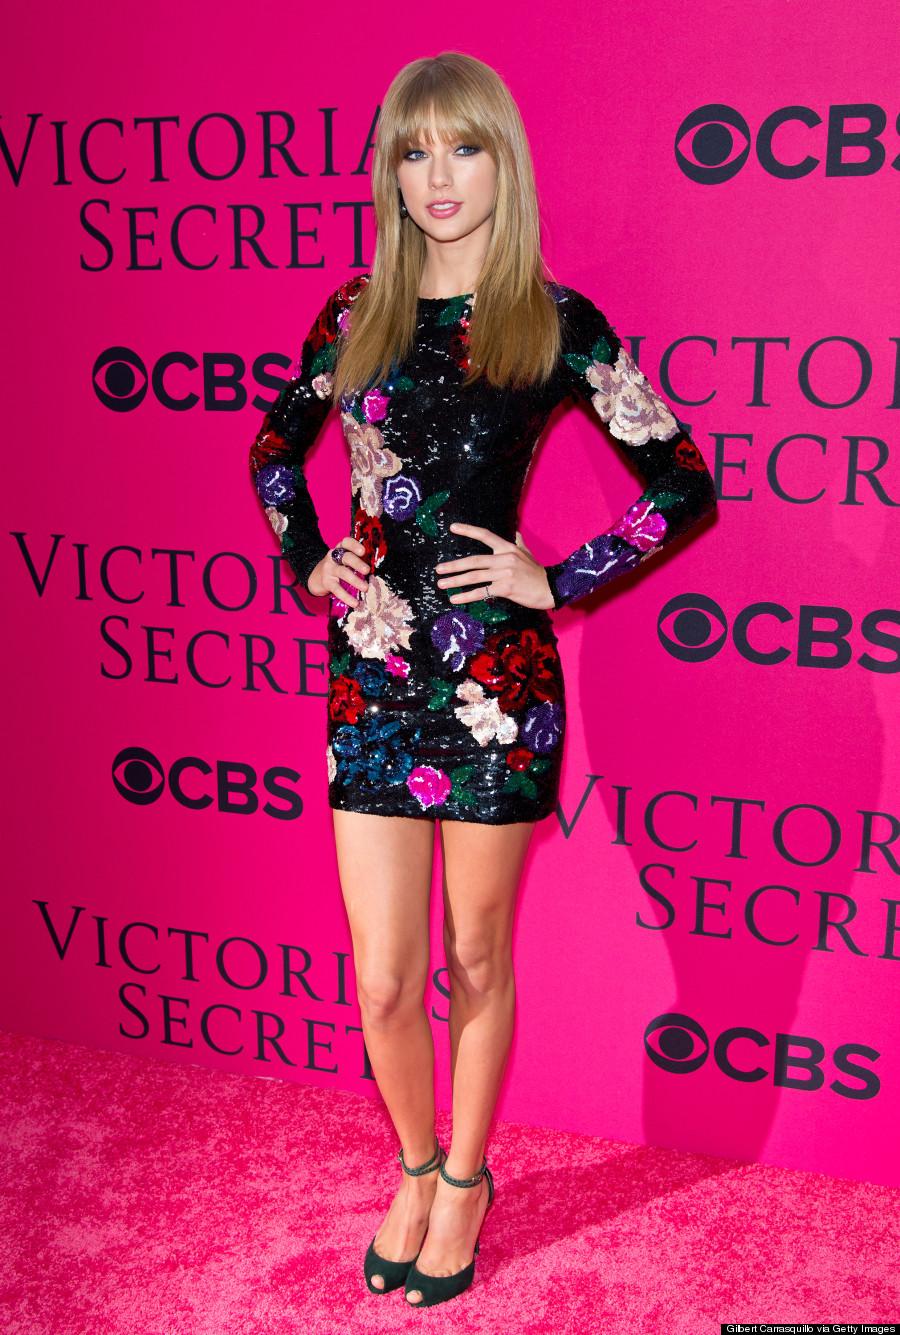 edcc77de146 Taylor Swift Victoria s Secret Fashion Show 2013  Singer Rules Red ...